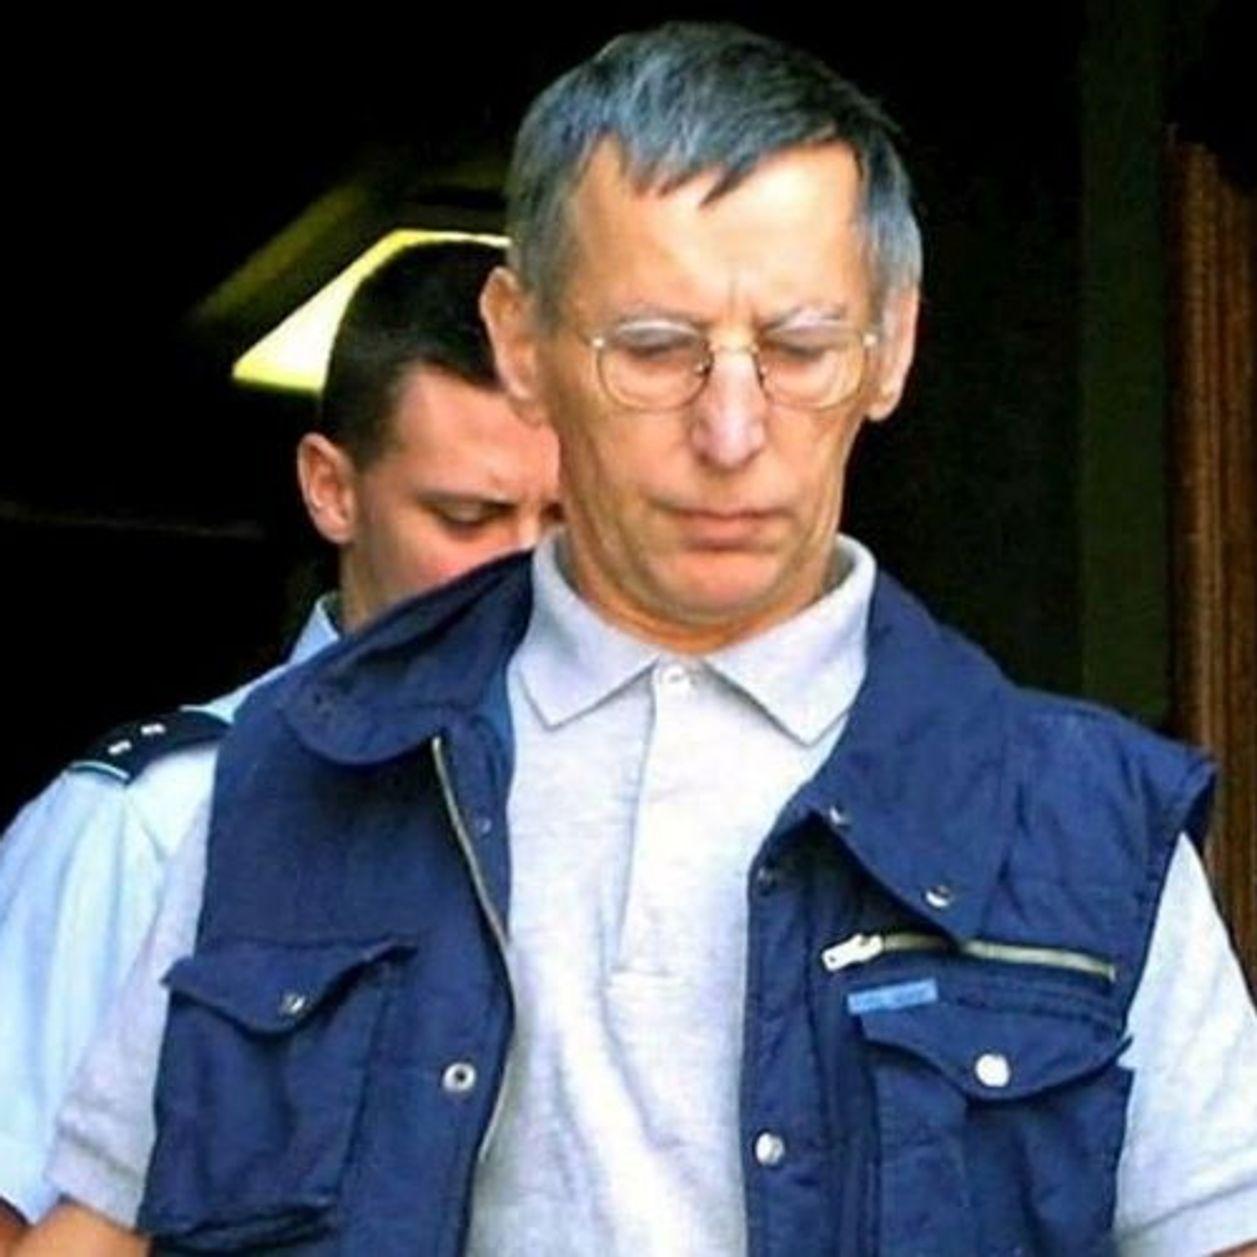 Michel Fourniret mis en examen dans l'enquête sur la disparition d'Estelle Mouzin